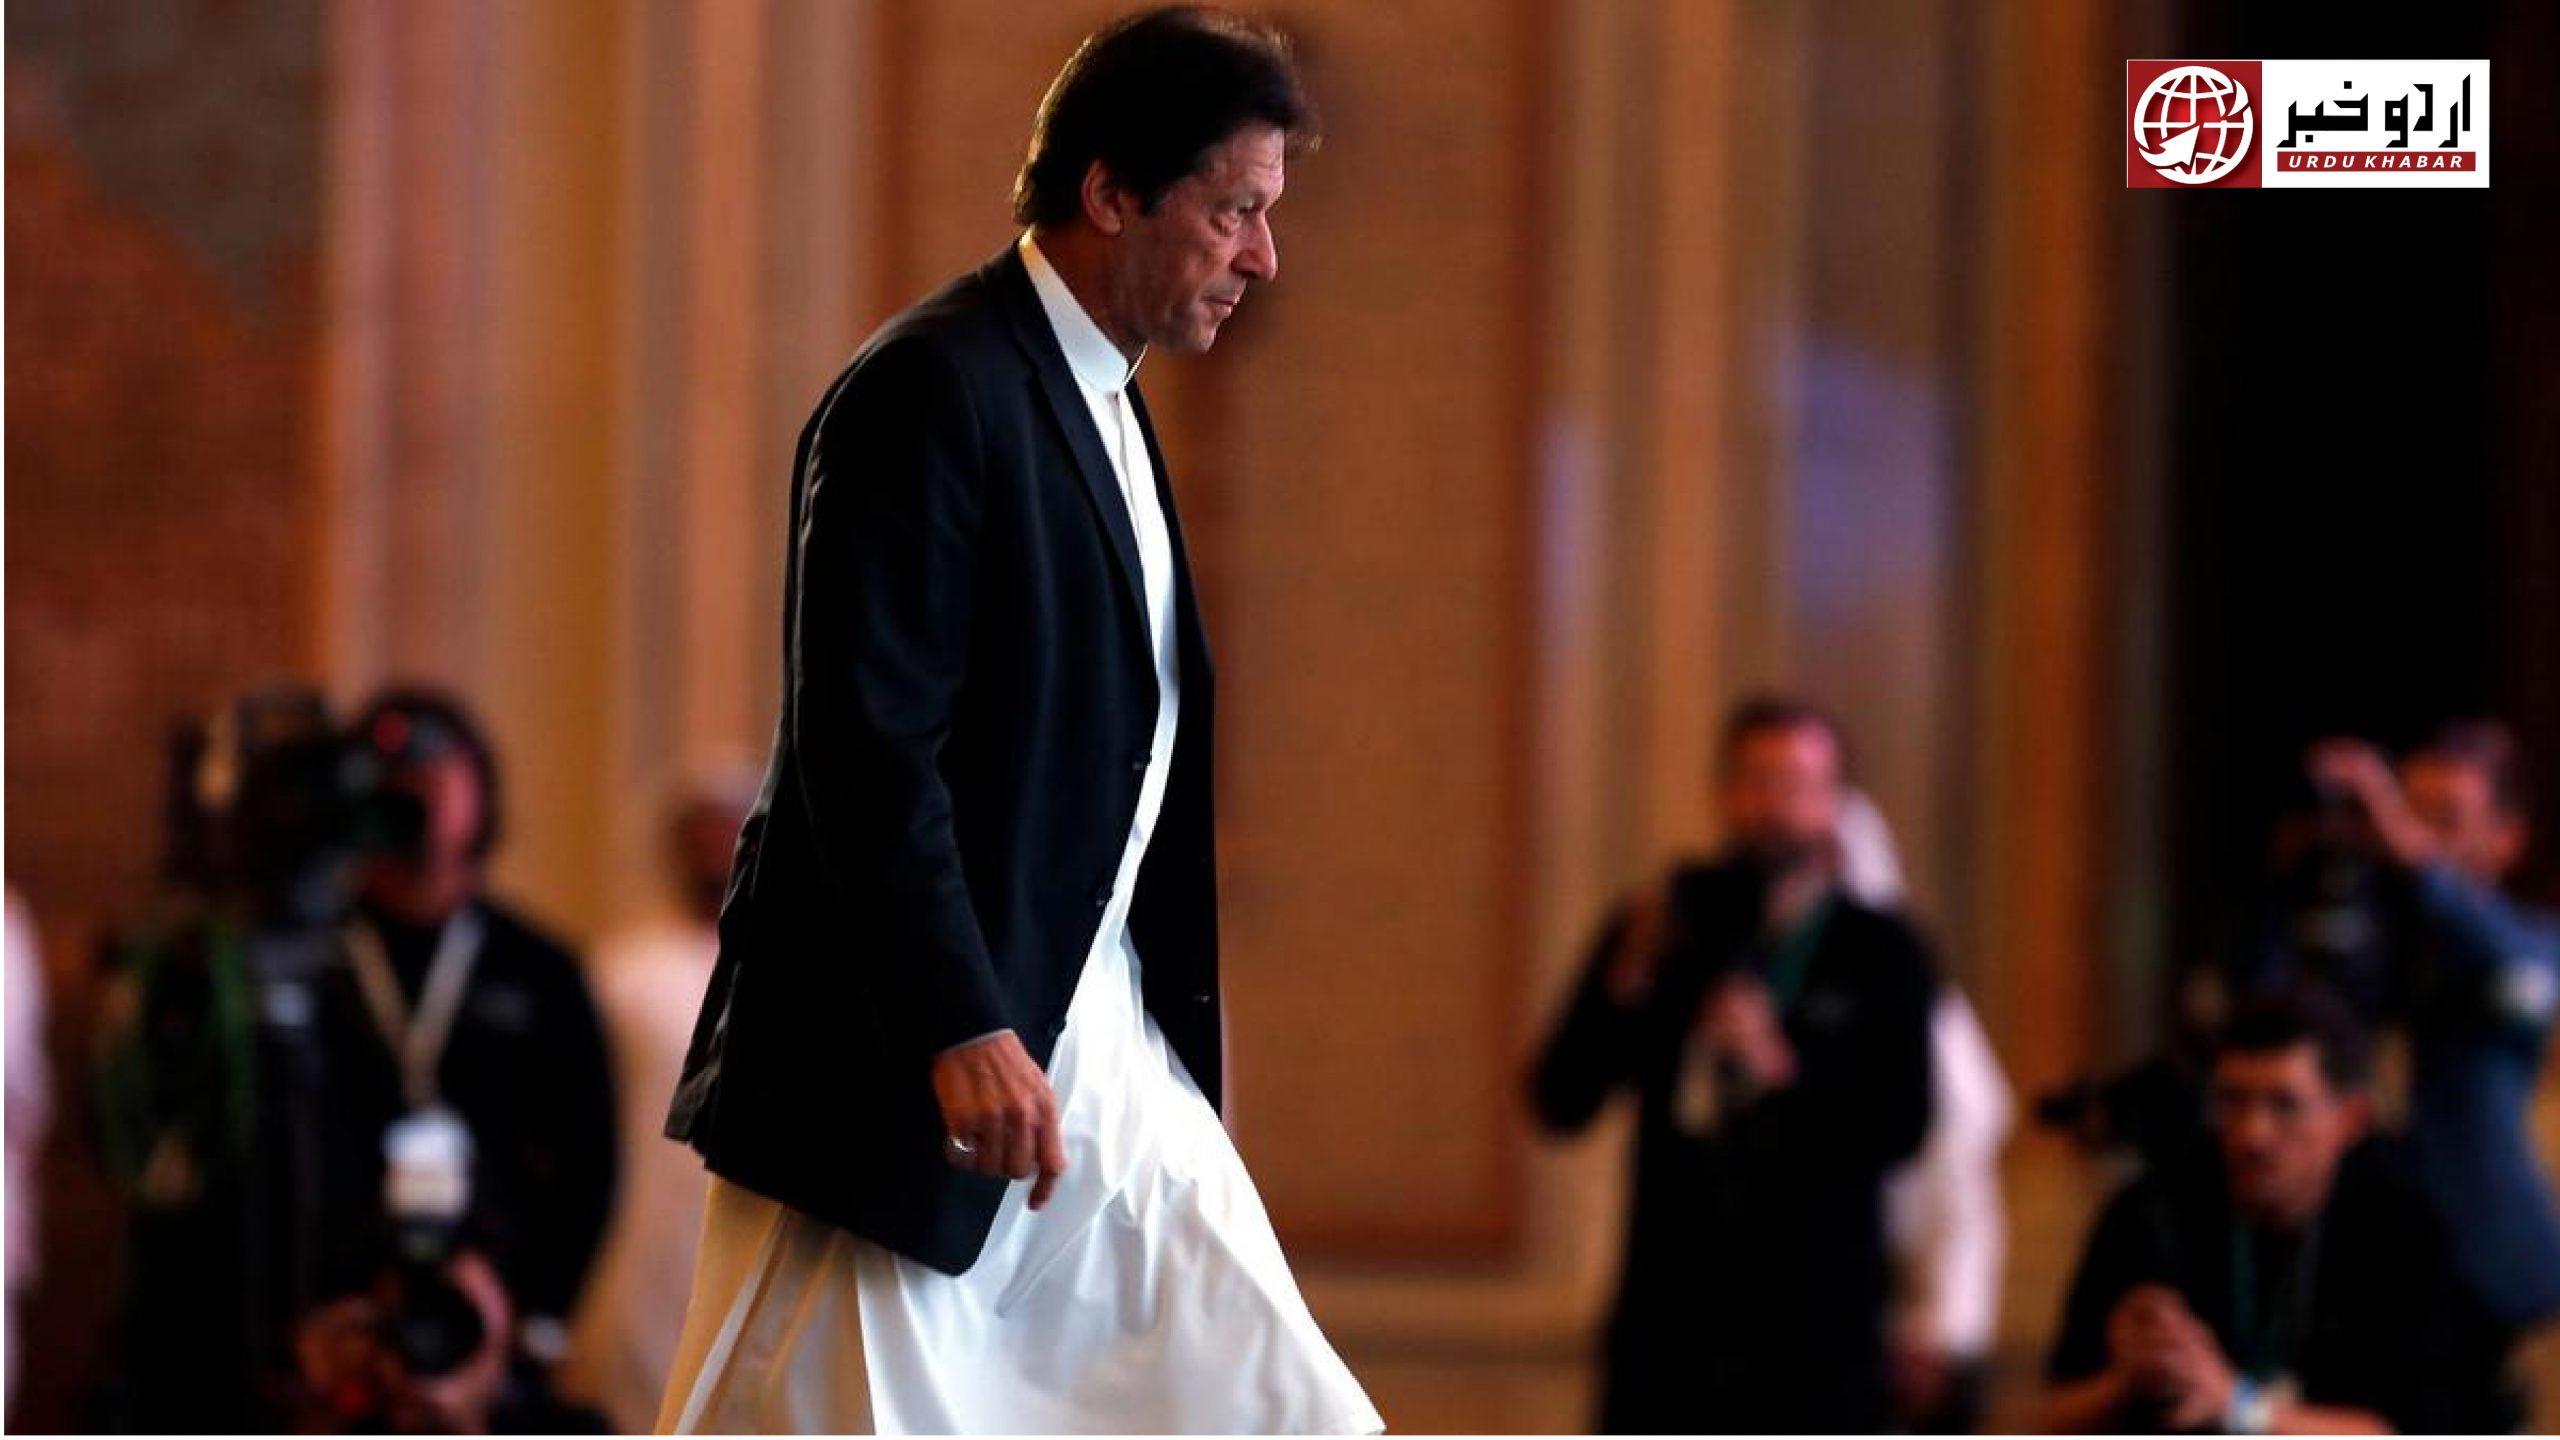 وزیر اعظم آج تربت کے لئے تاریخی ترقیاتی پیکج کا اعلان کریں گے